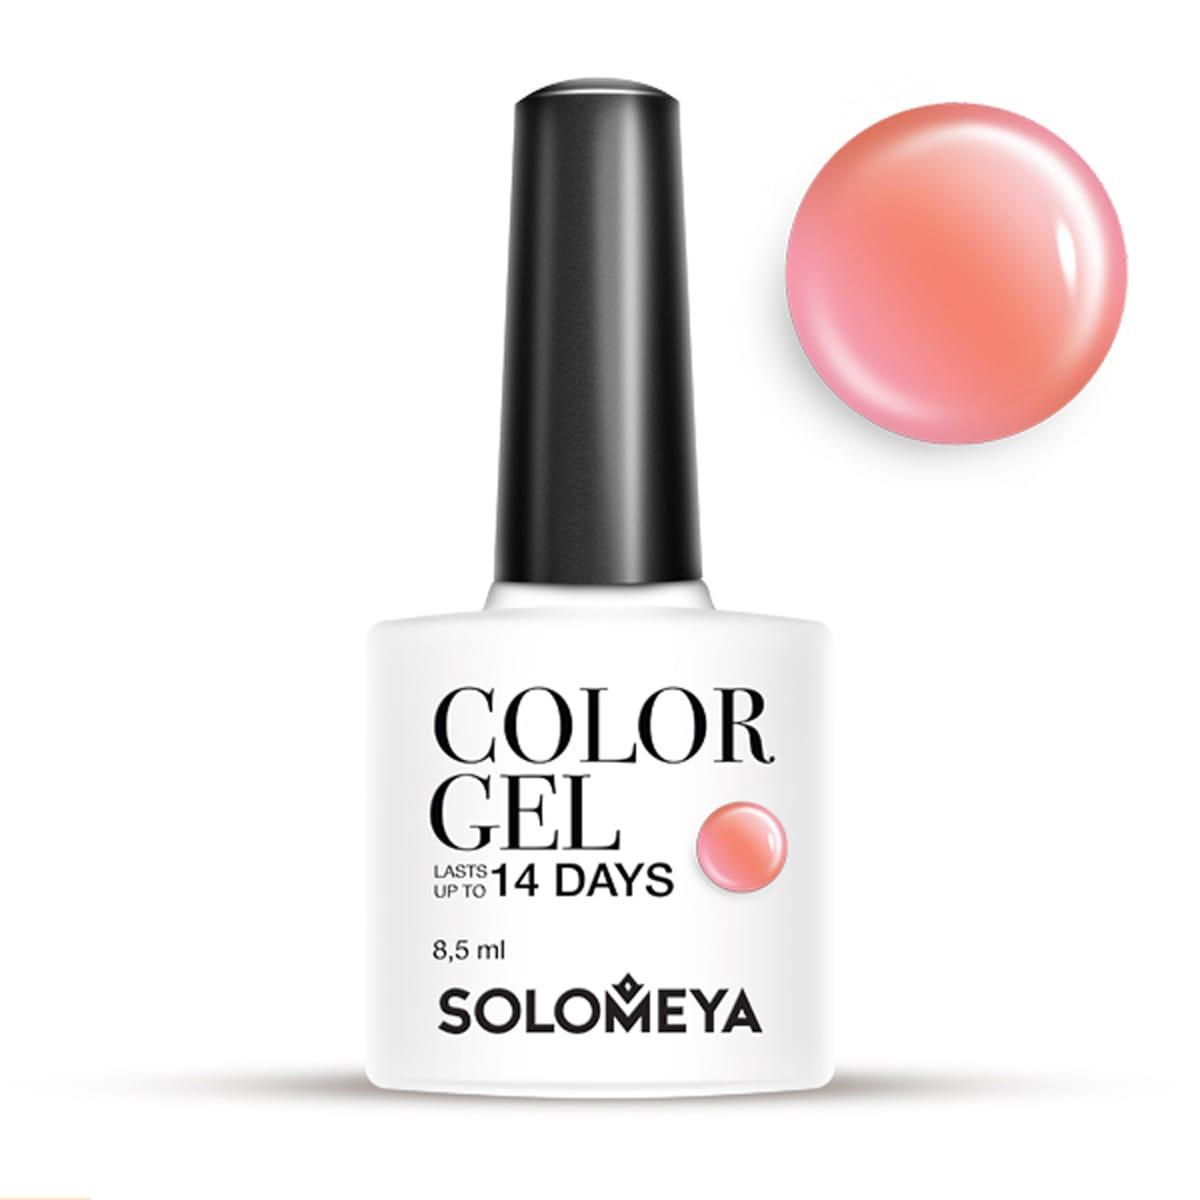 SOLOMEYA Гель-лак для ногтей SCG061 Помадка / Color Gel Fudge 8,5 мл